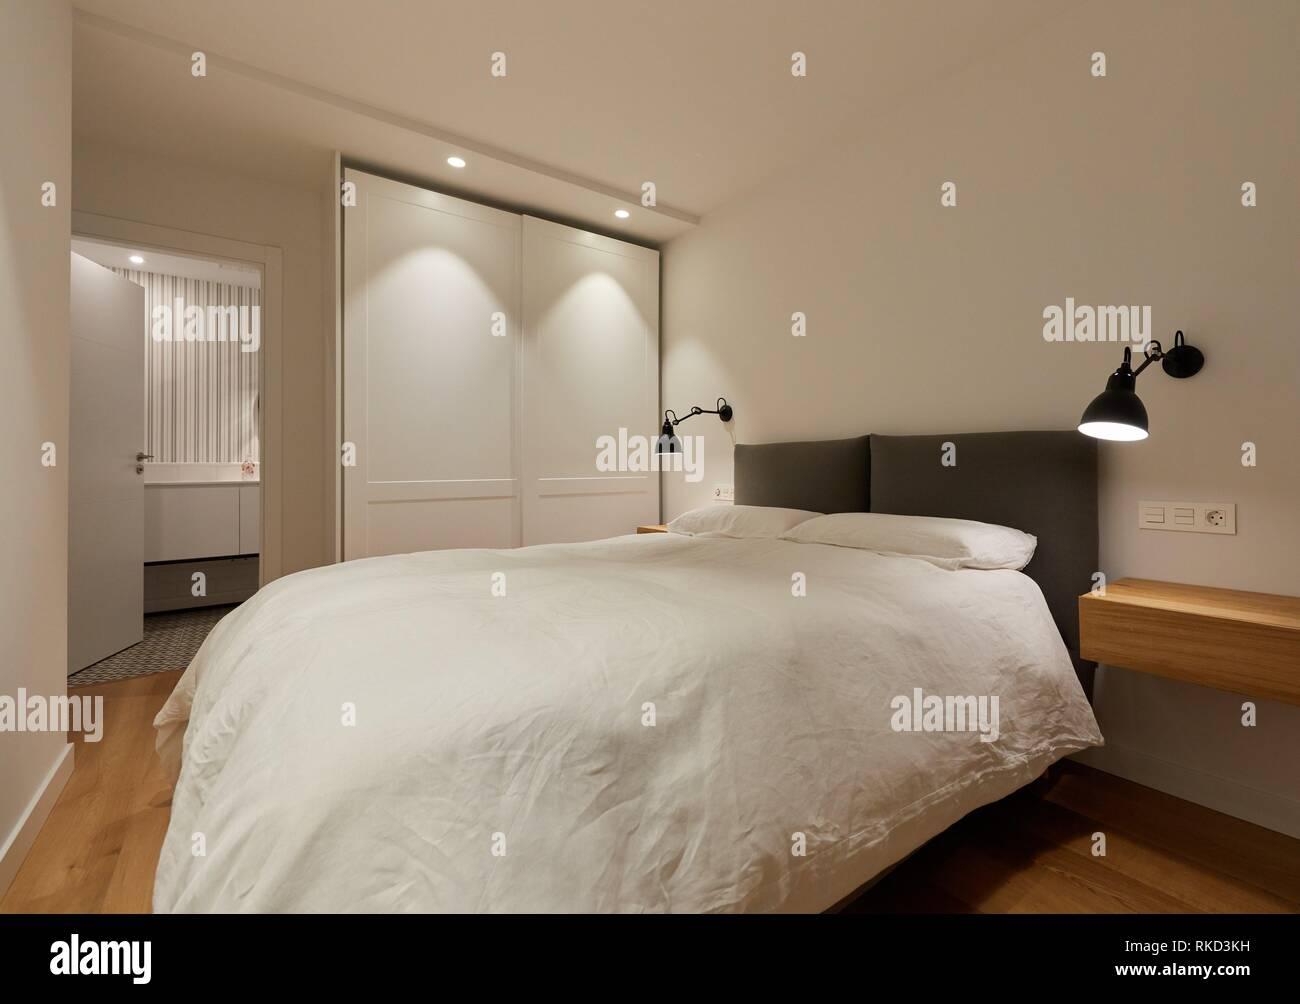 Schlafzimmer, Beleuchtung, Innenausstattung von Gehäuse ...